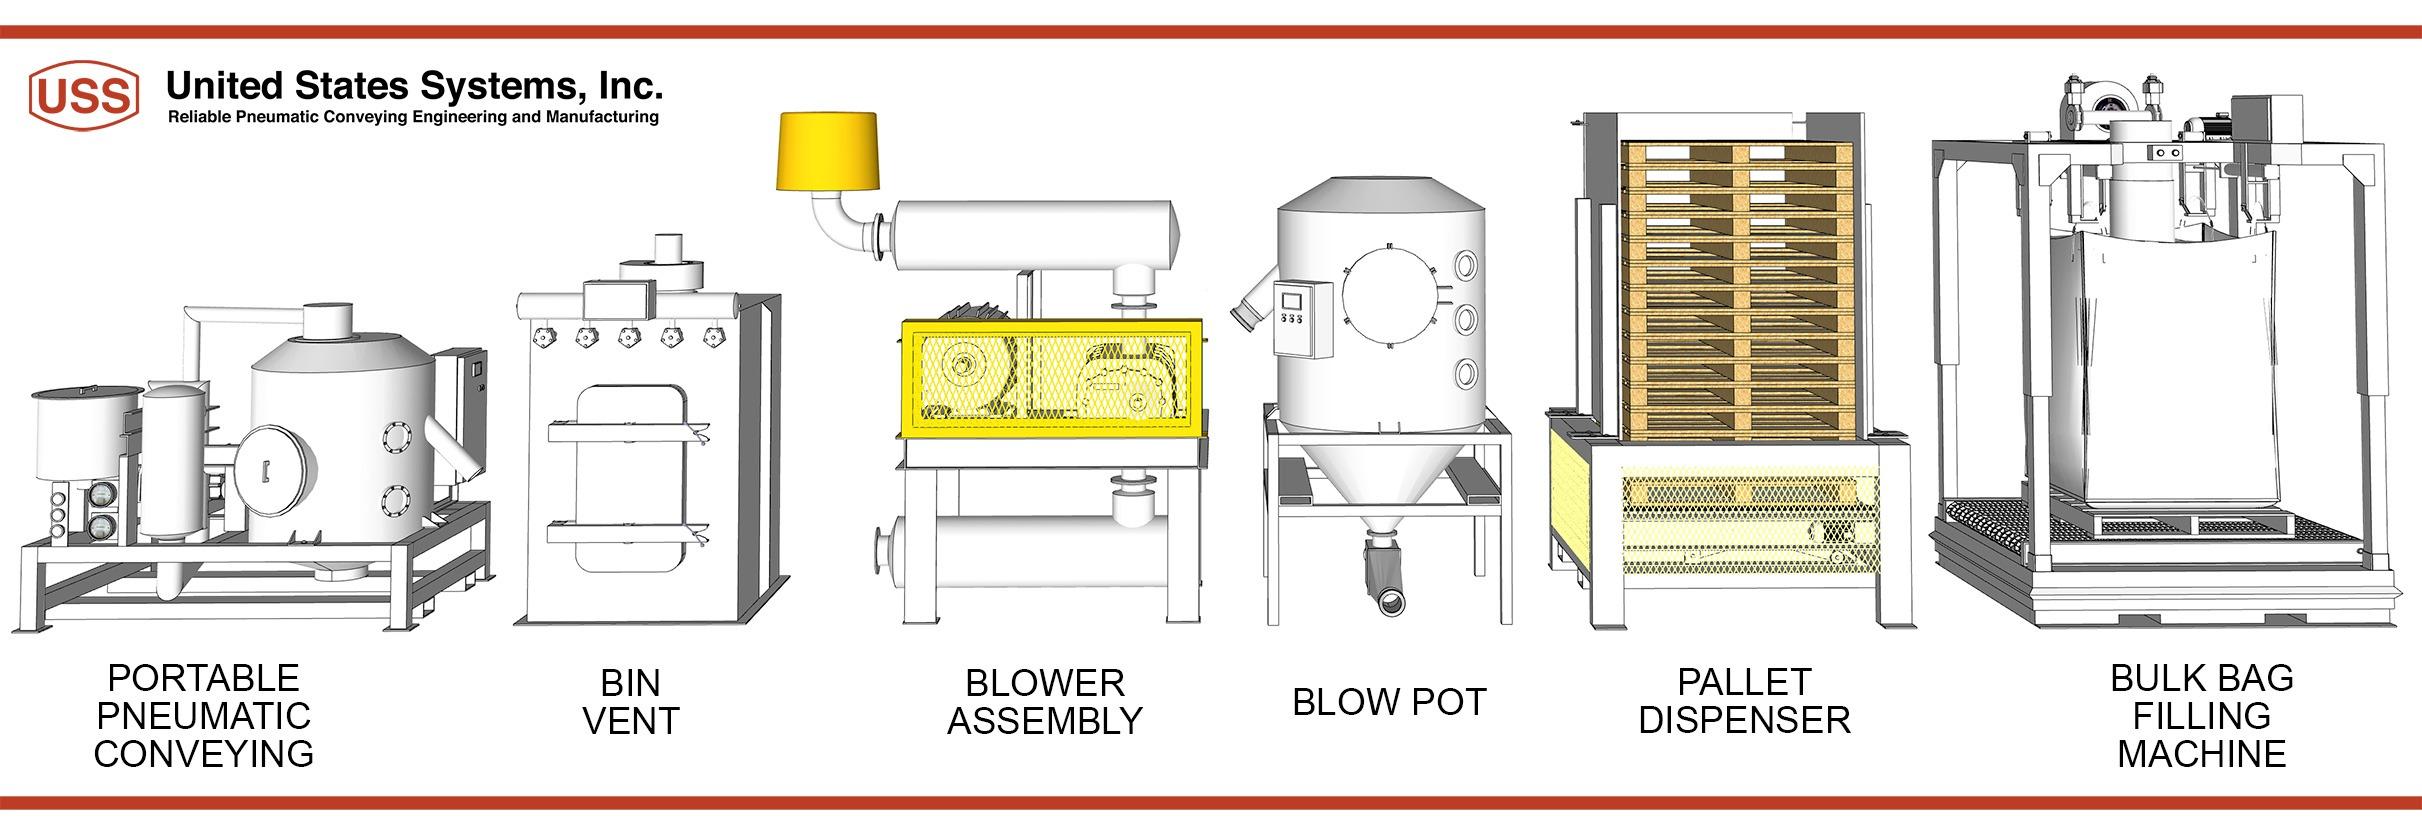 Pneumatic Conveying Equipment